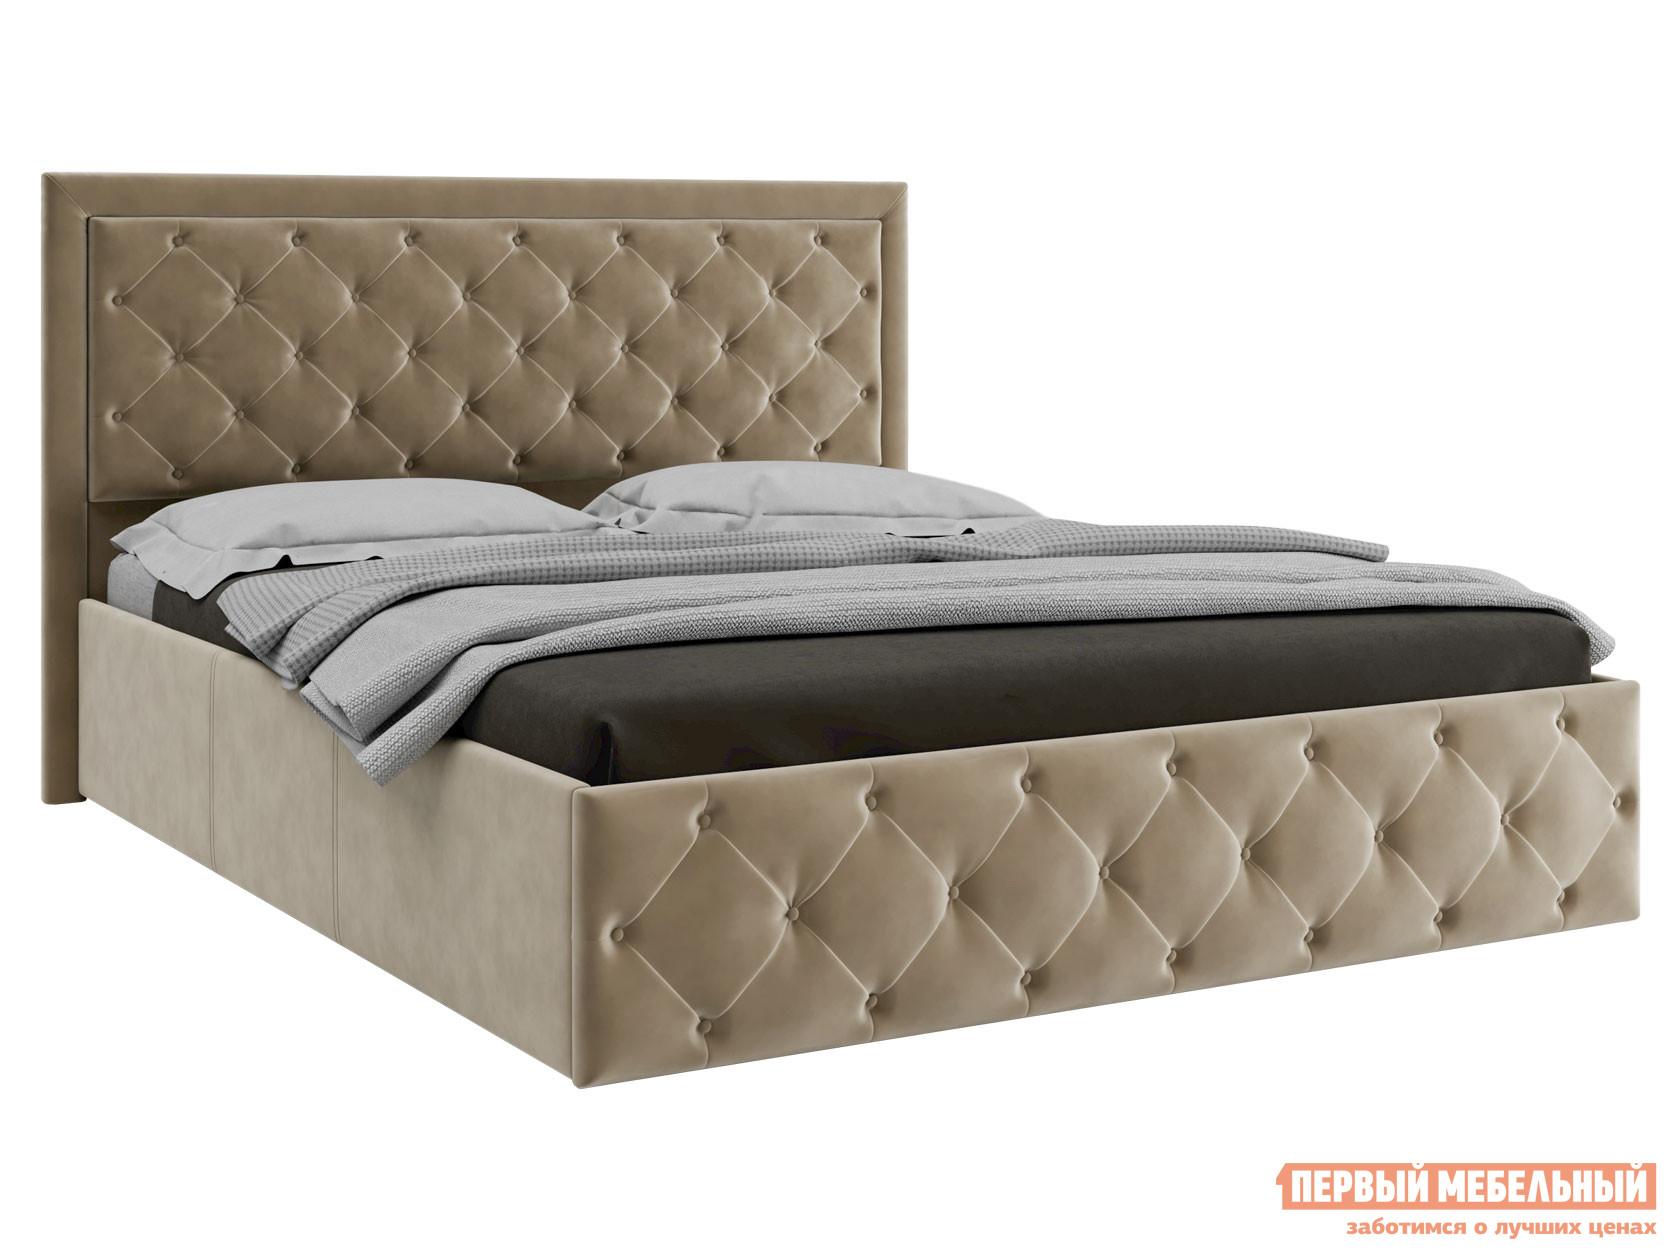 Двуспальная кровать  Кровать с ПМ Мишель Бежевый, велюр, 1600 Х 2000 мм